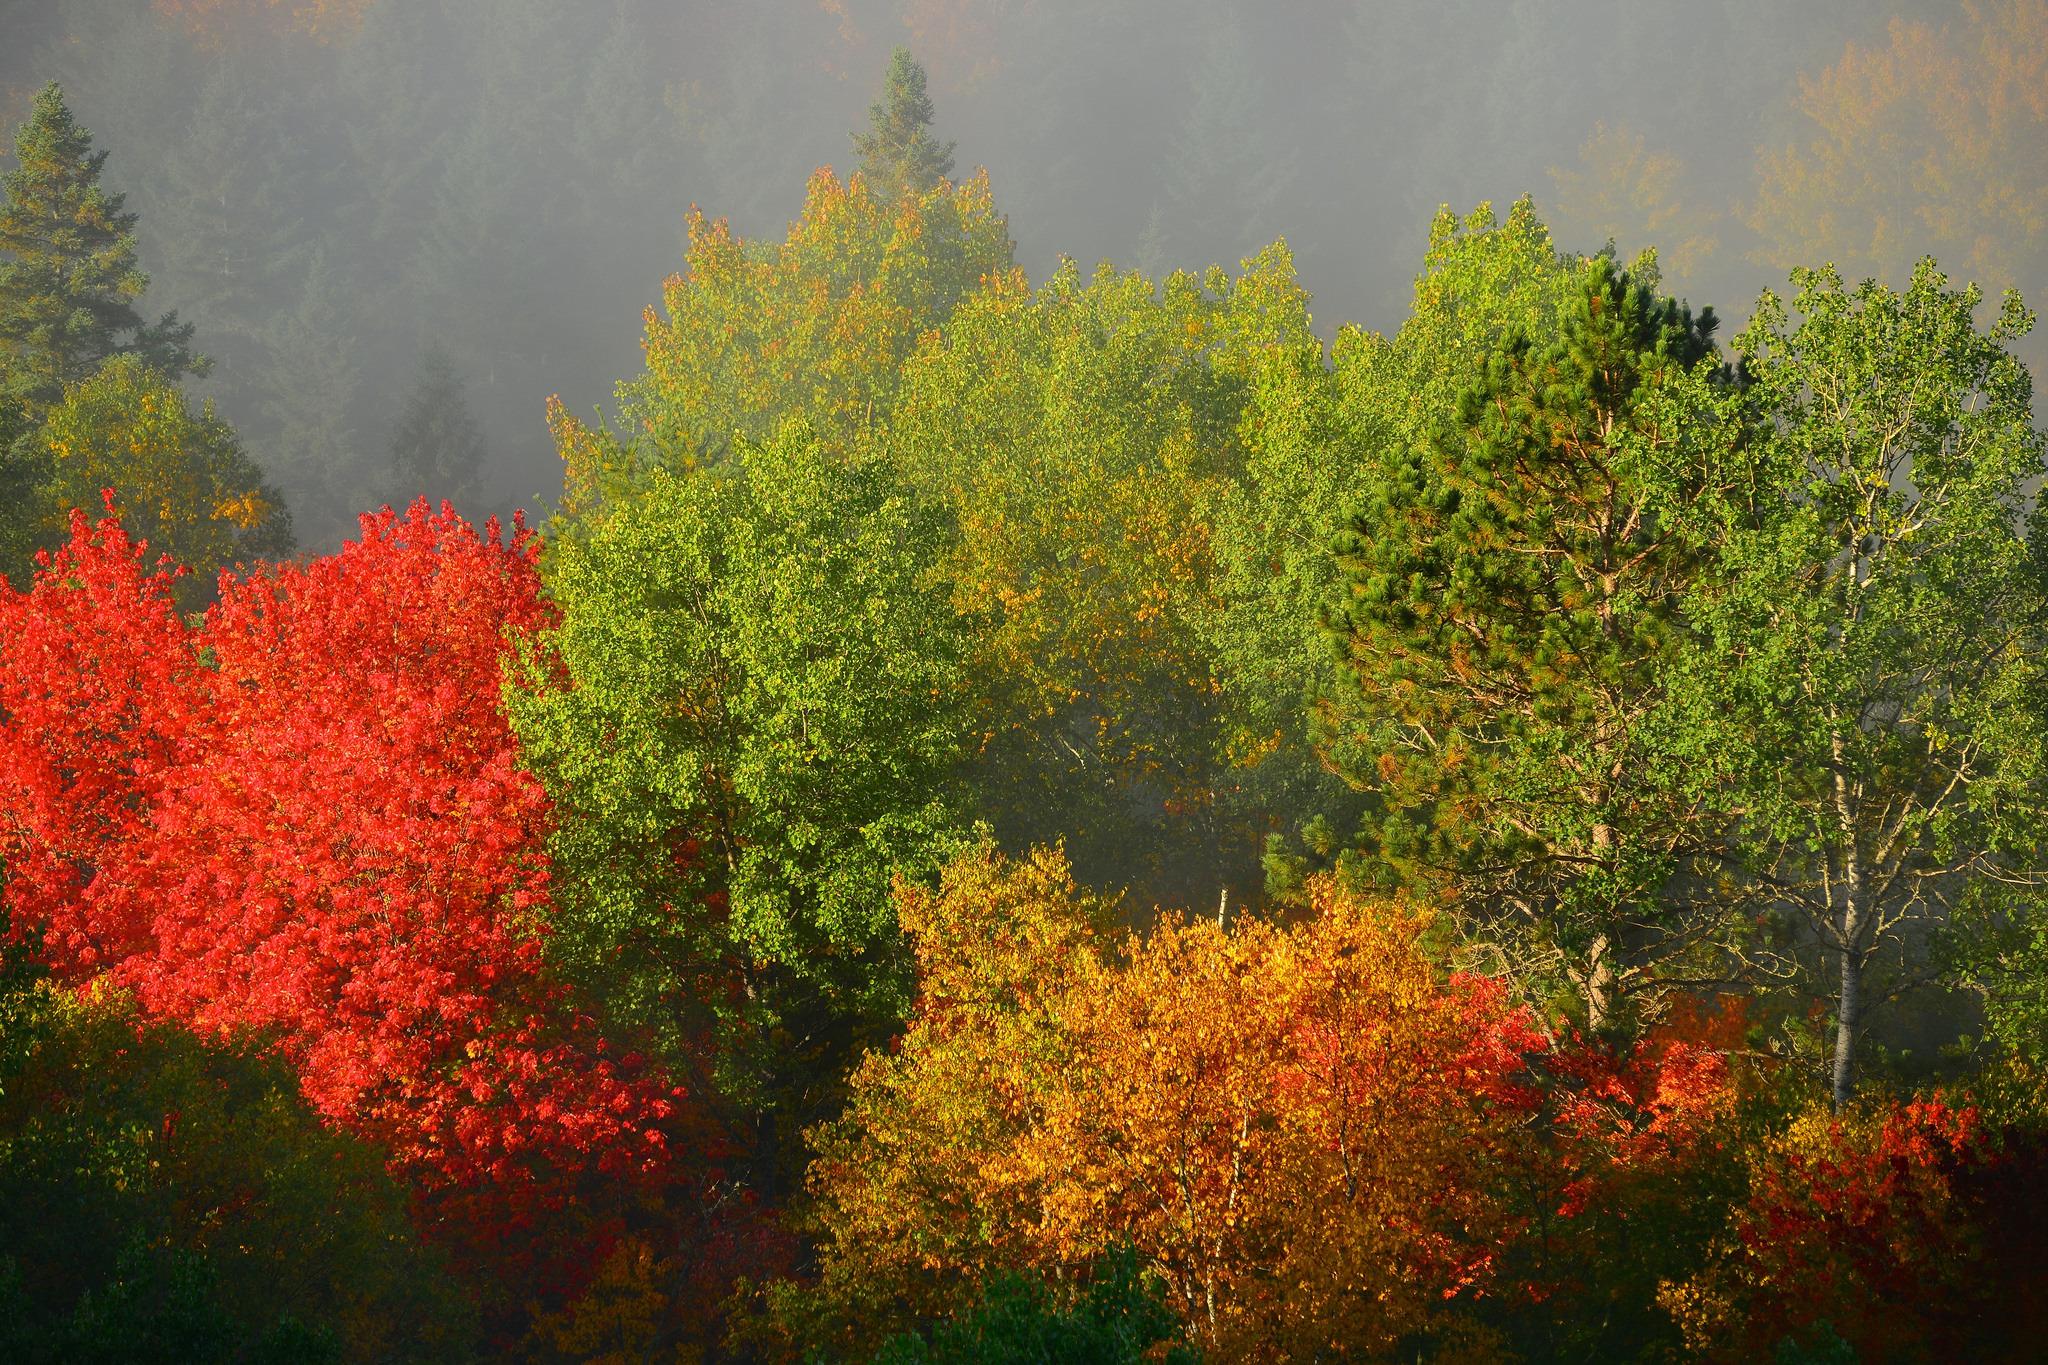 156317 fond d'écran 1080x2400 sur votre téléphone gratuitement, téléchargez des images Nature, Arbres, Automne, Brouillard, Feuillage 1080x2400 sur votre mobile